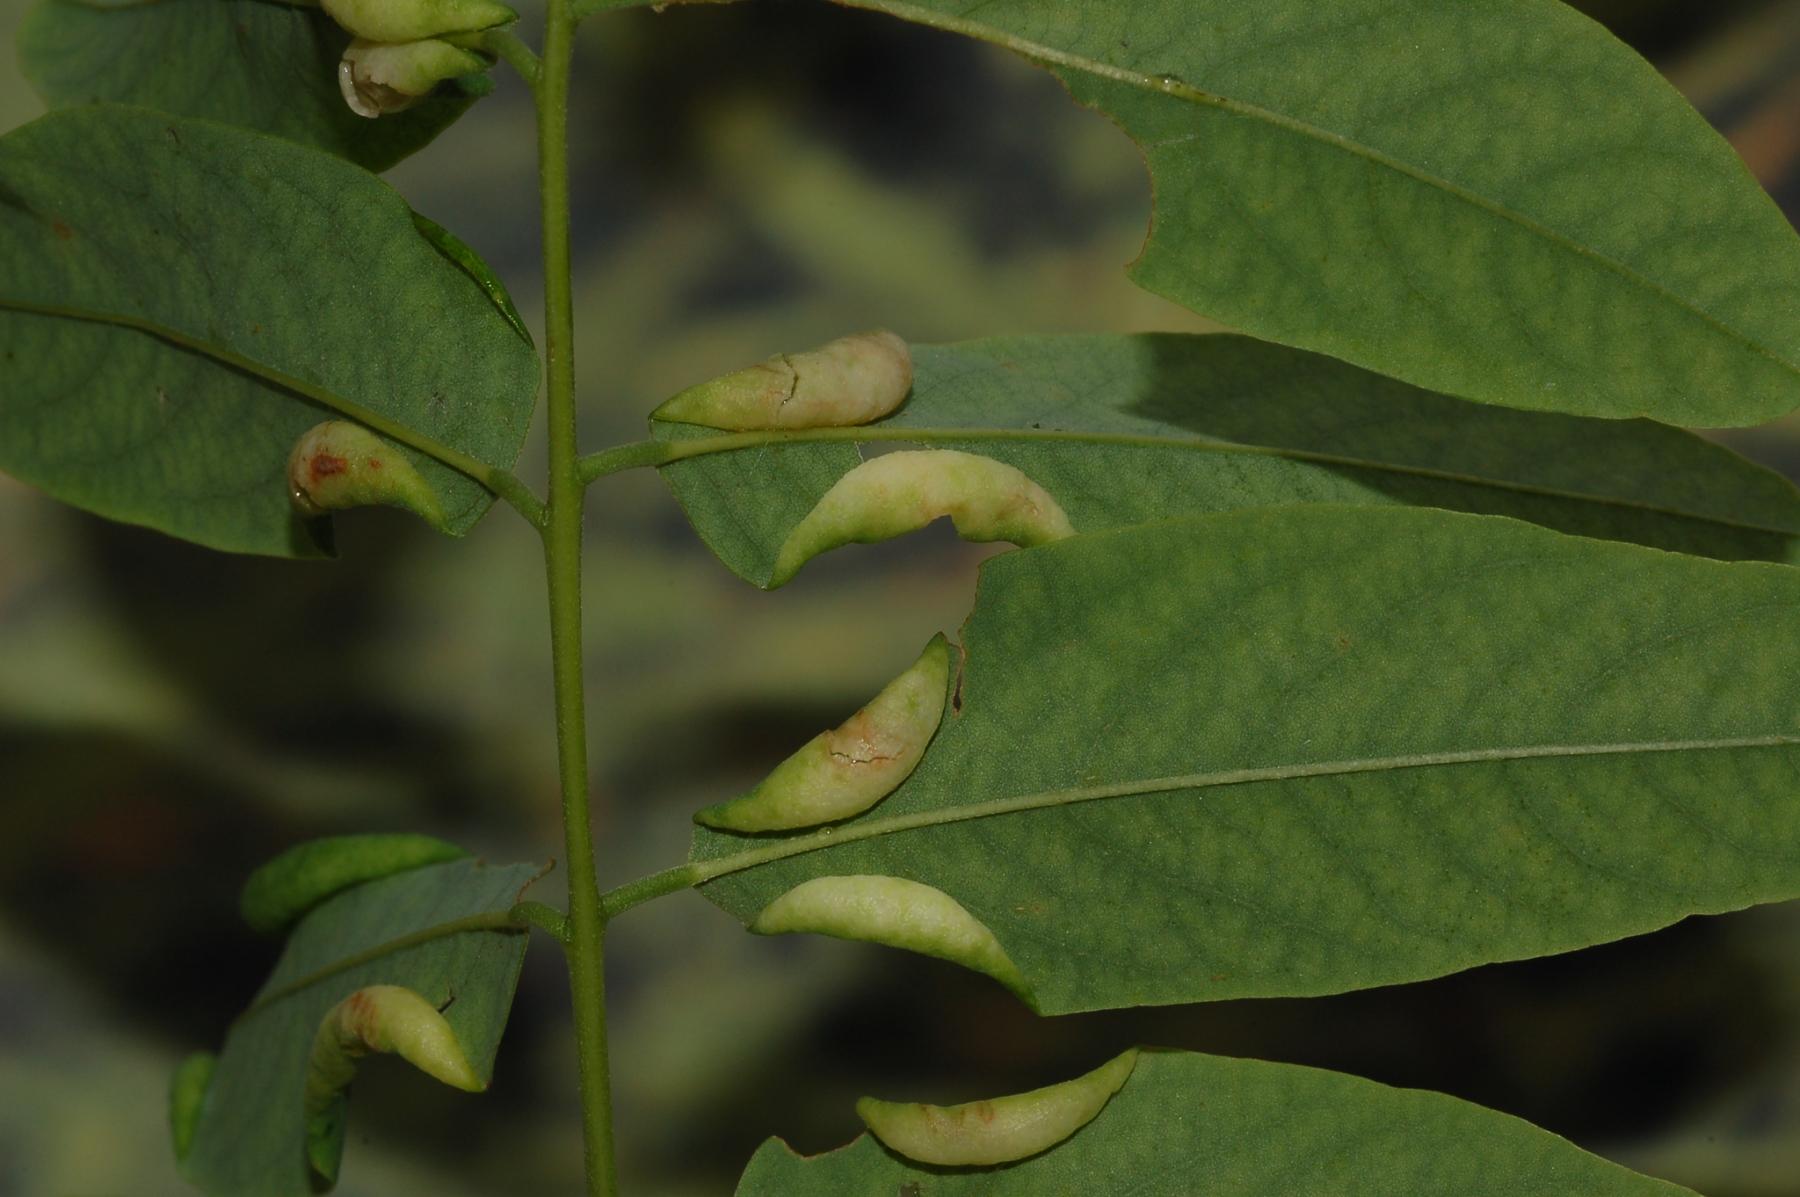 Obolodiplosis robiniae Robinia 2 pseudoacacia